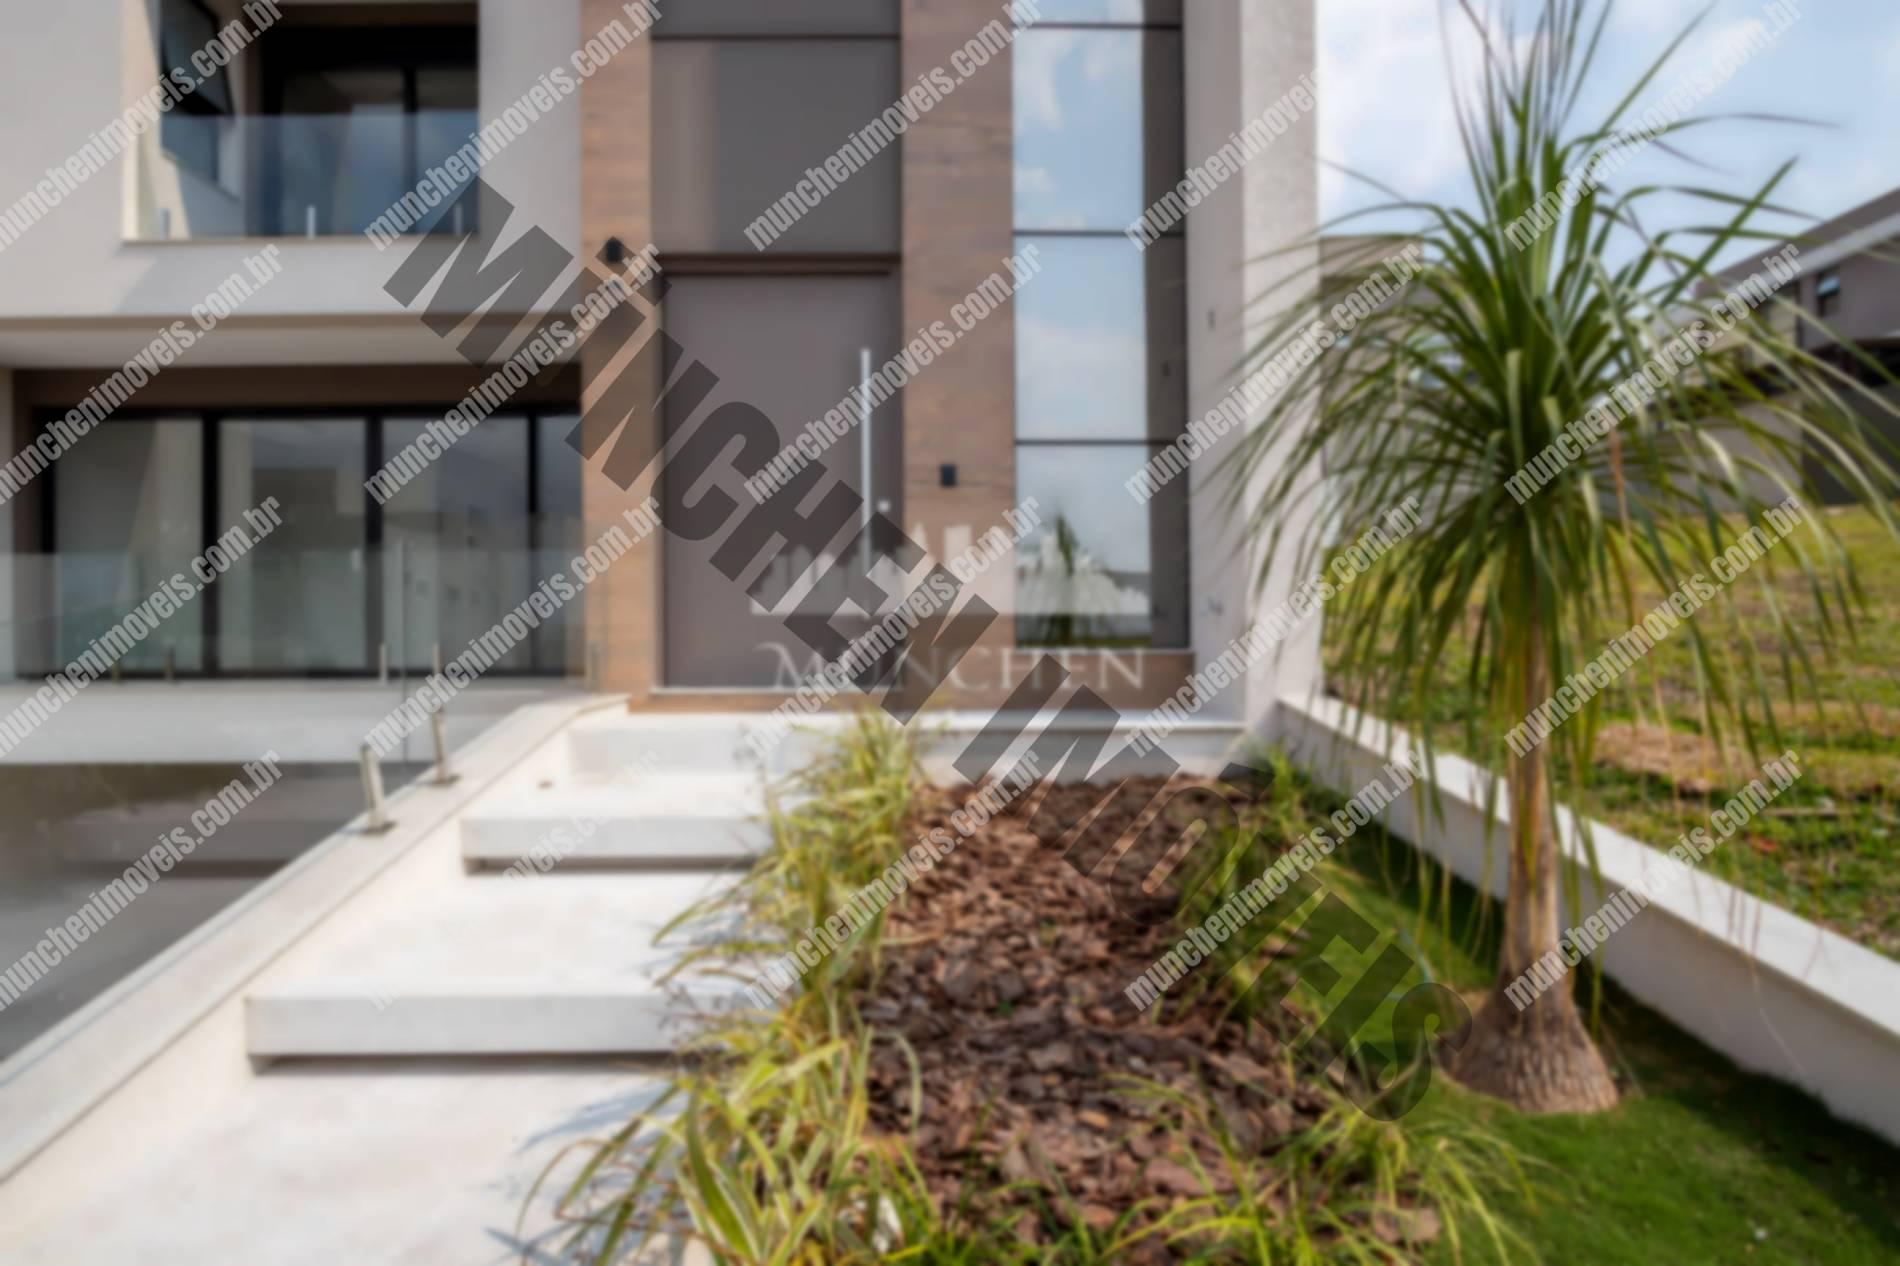 Casa em condominio alto padrão, Park Boulevard, 3 suítes sendo 1 master, 342,30 m2 privativos, 6 vagas de garagem.